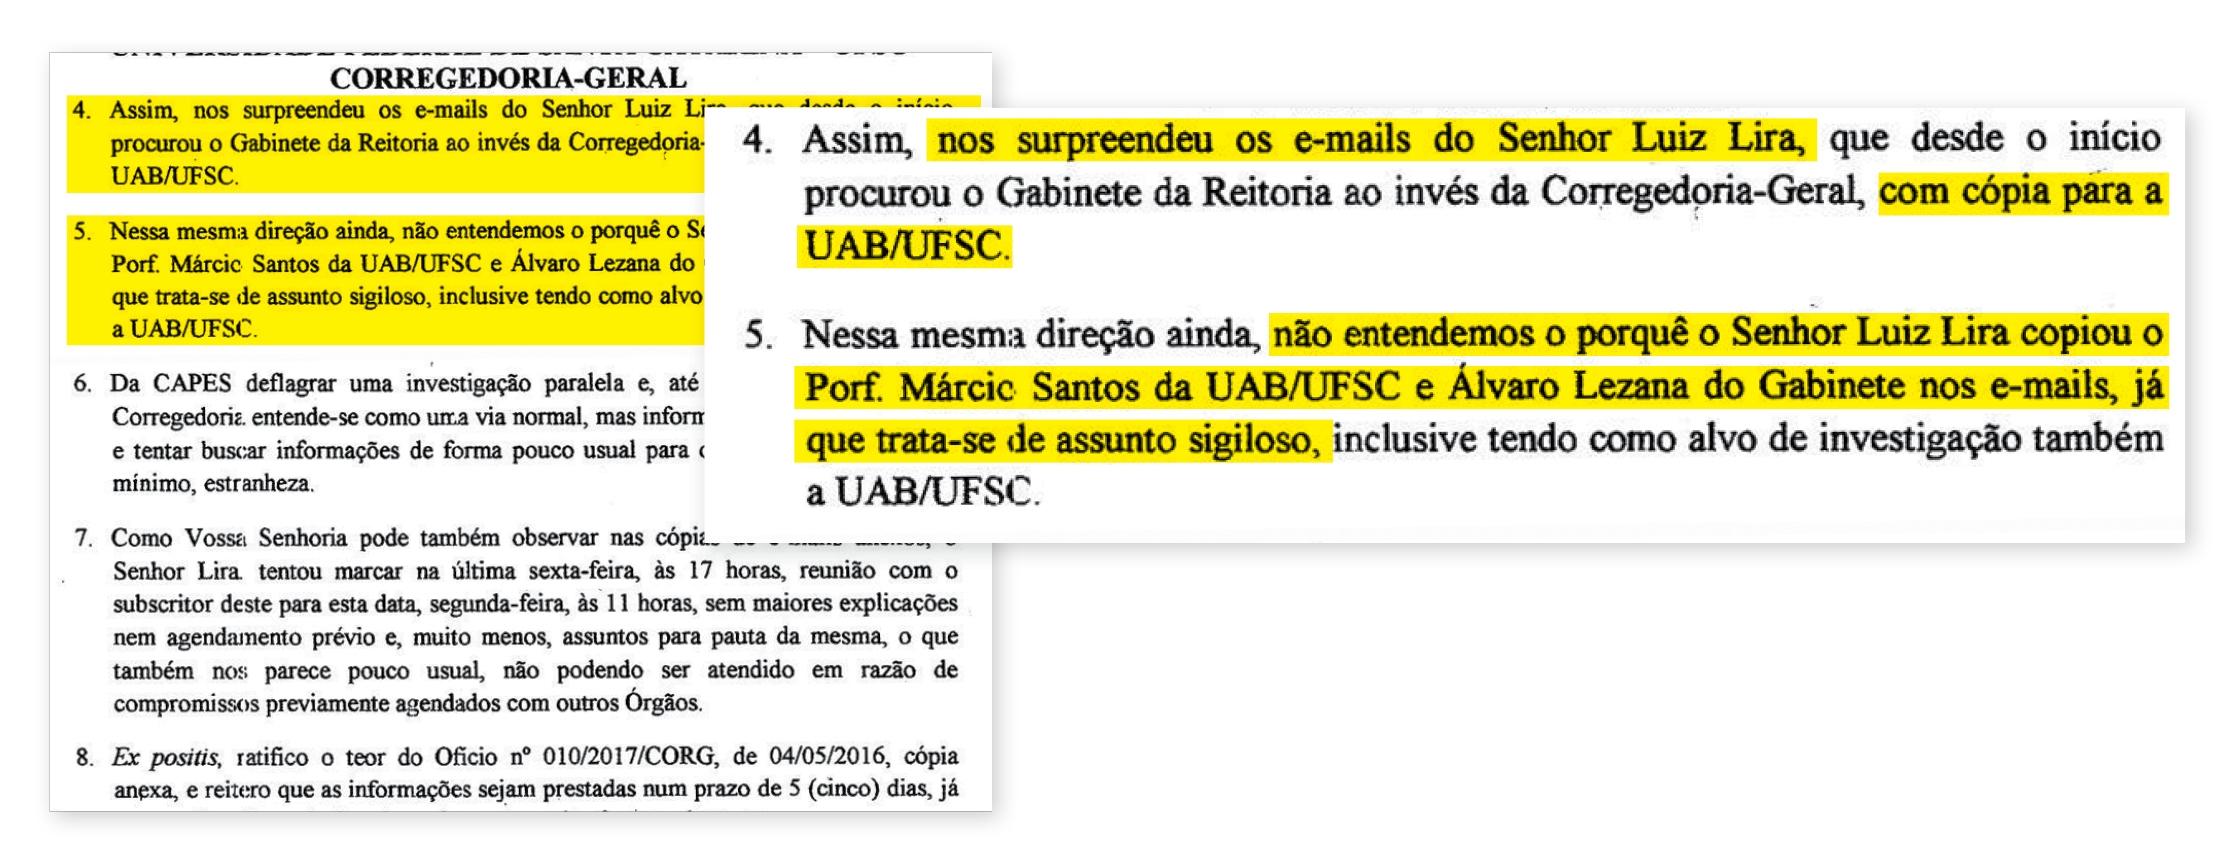 Corregedor envia ofício ao presidente da Capes questionando comunicação de visita técnica aos investigados - Reprodução